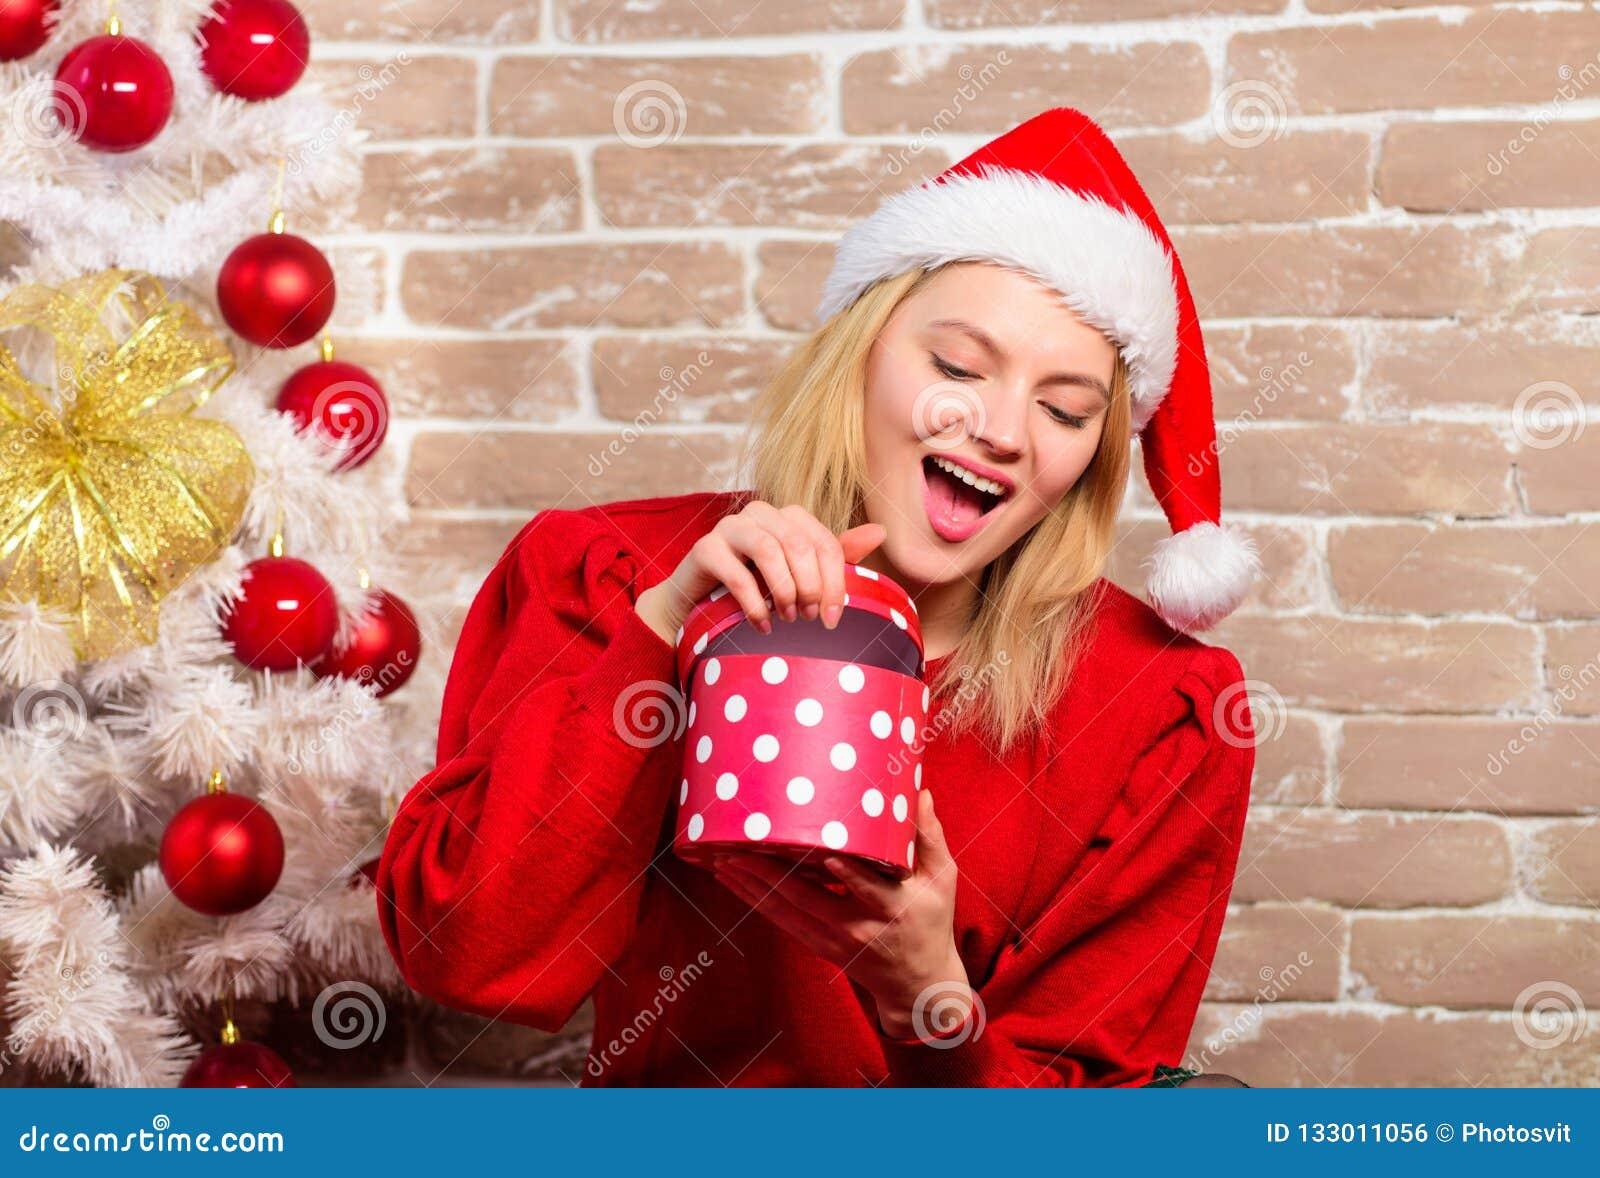 Regali Di Natale Ragazza.Regali Di Natale Di Consegna Ragazza Felice In Cappello Del Babbo